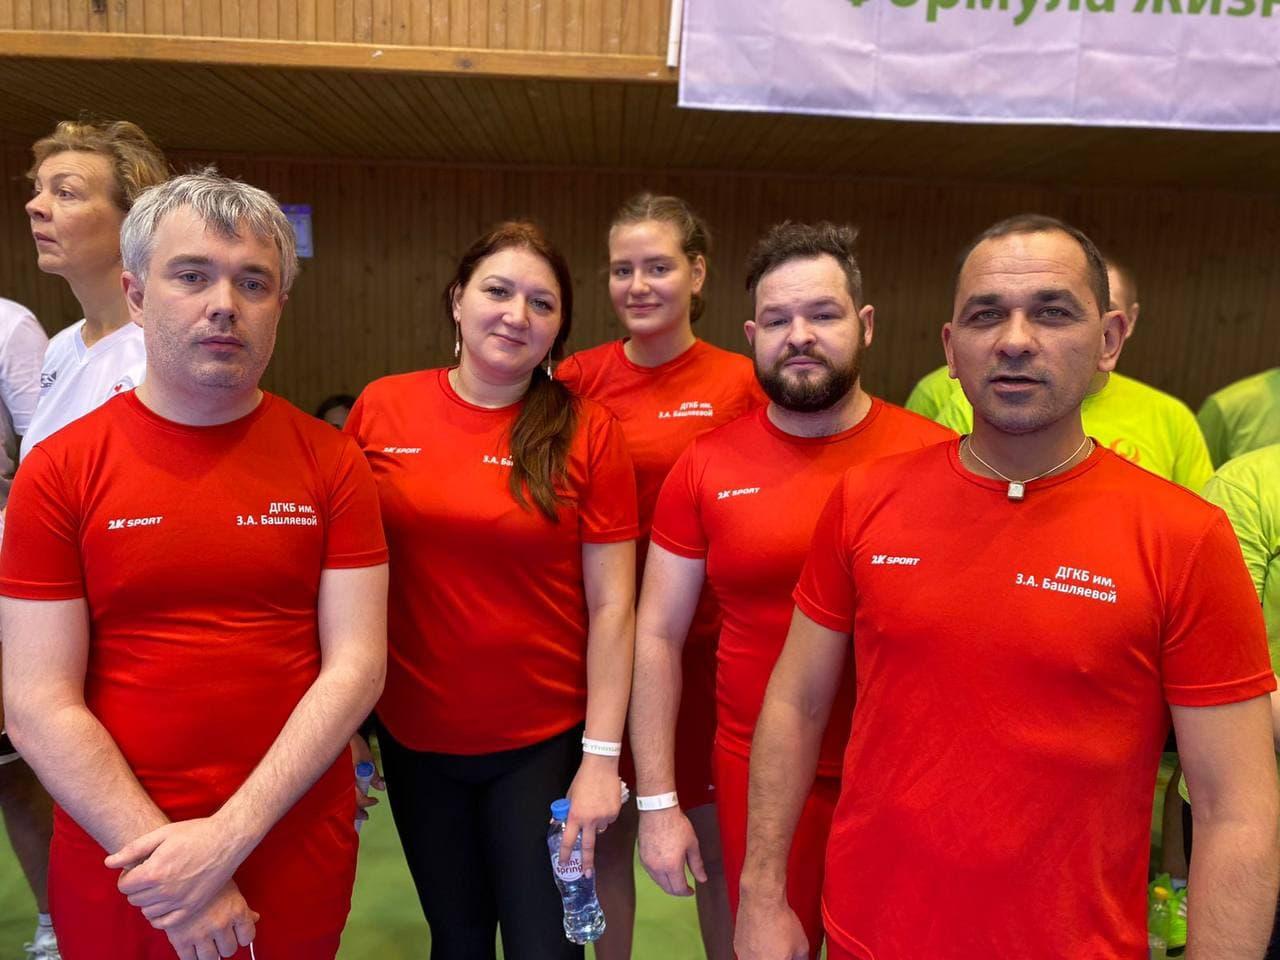 В спортивном комплексе МГТУ им. Н.Э. Баумана состоялся VIII чемпионат по бадминтону среди сотрудников медицинских организаций